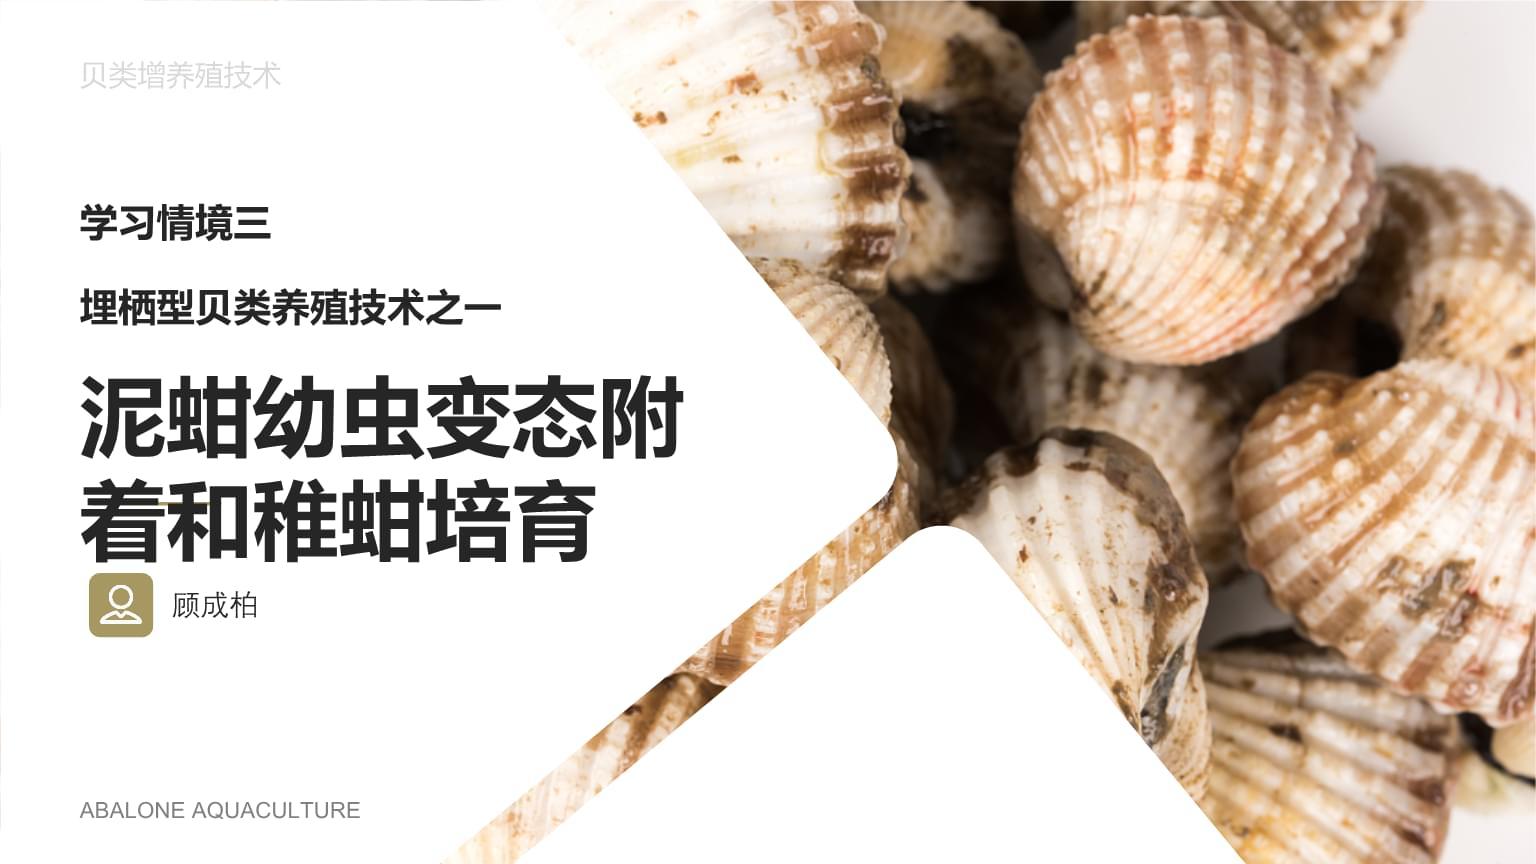 贝类增养殖技术 蚶的养殖技术 8泥蚶的稚蚶培养.pptx